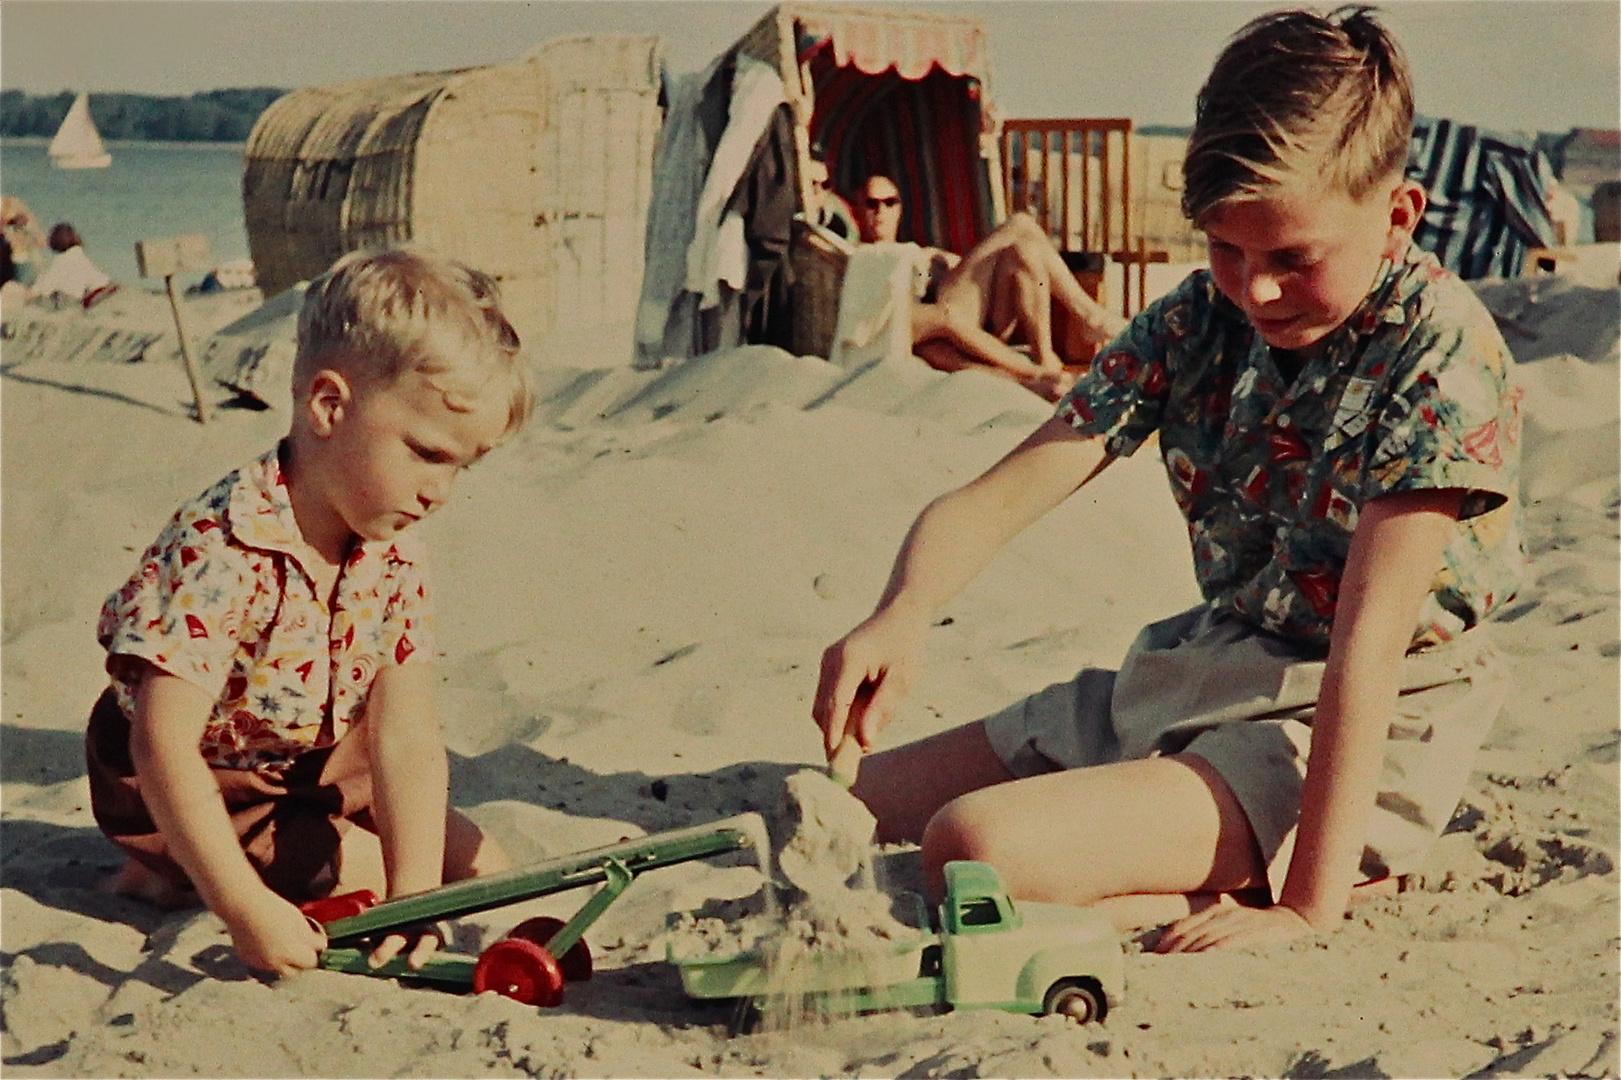 1955 - Nach den vielen, heute meist farbgealterten Papierbildern . . .